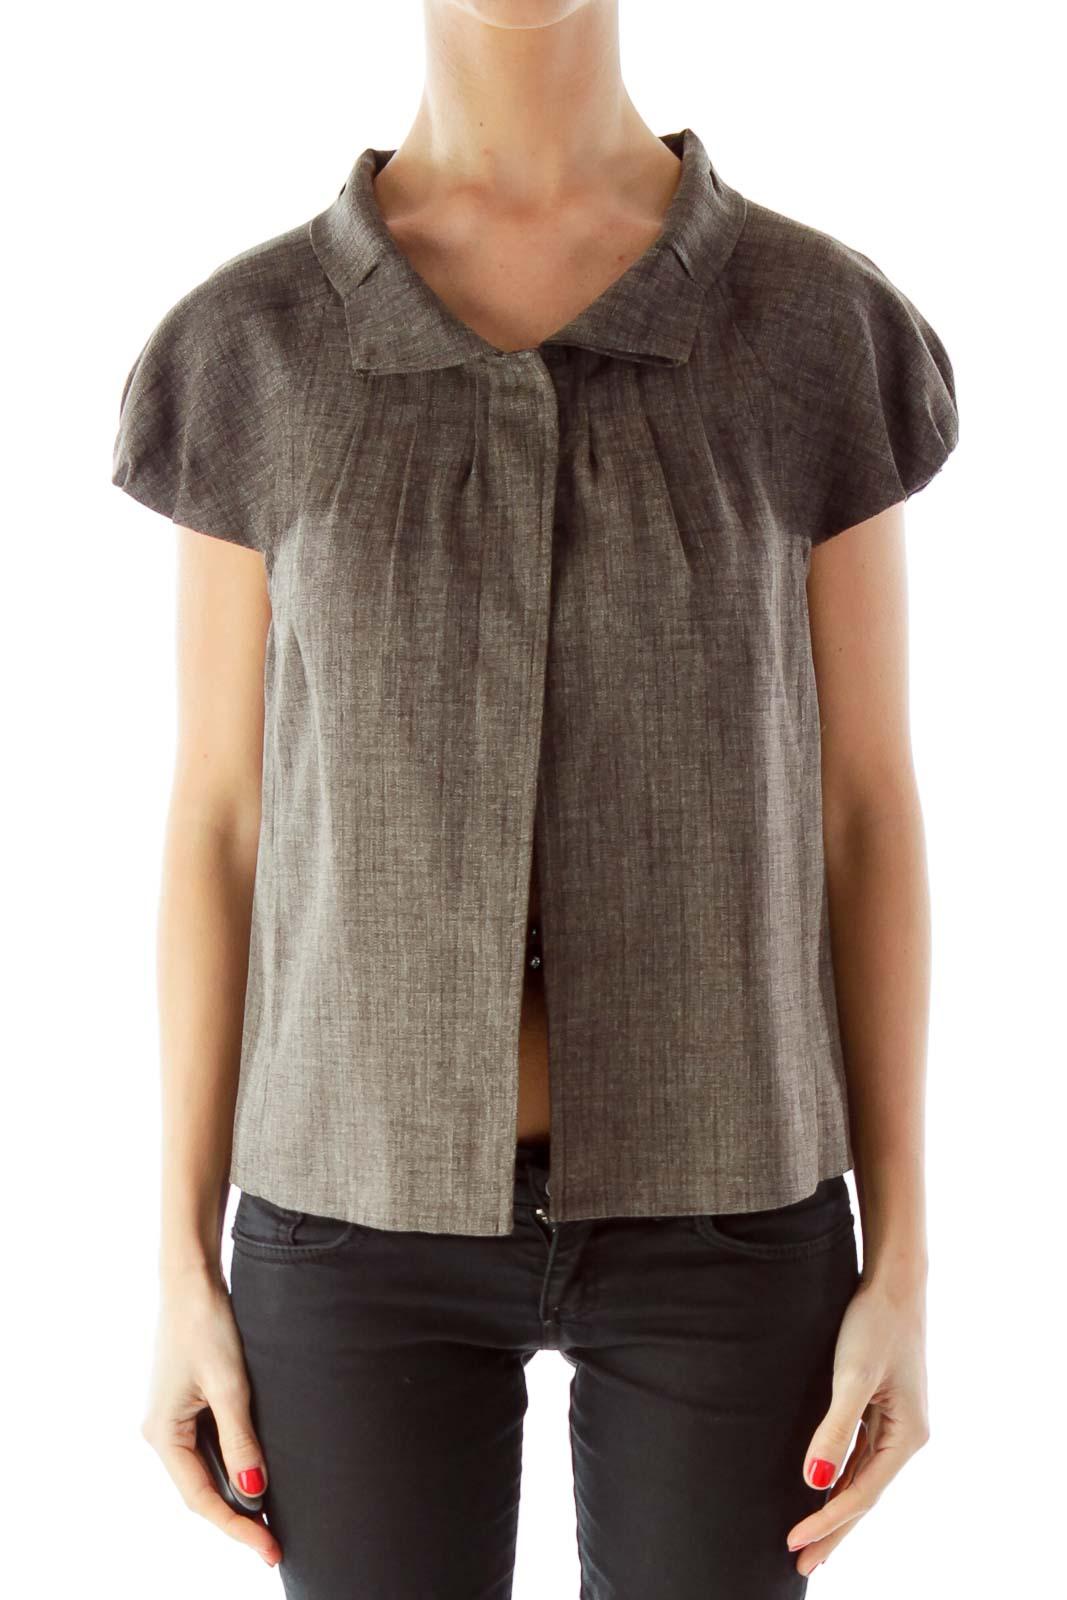 Gray Buttoned Ruffled Short Sleeve Jacket